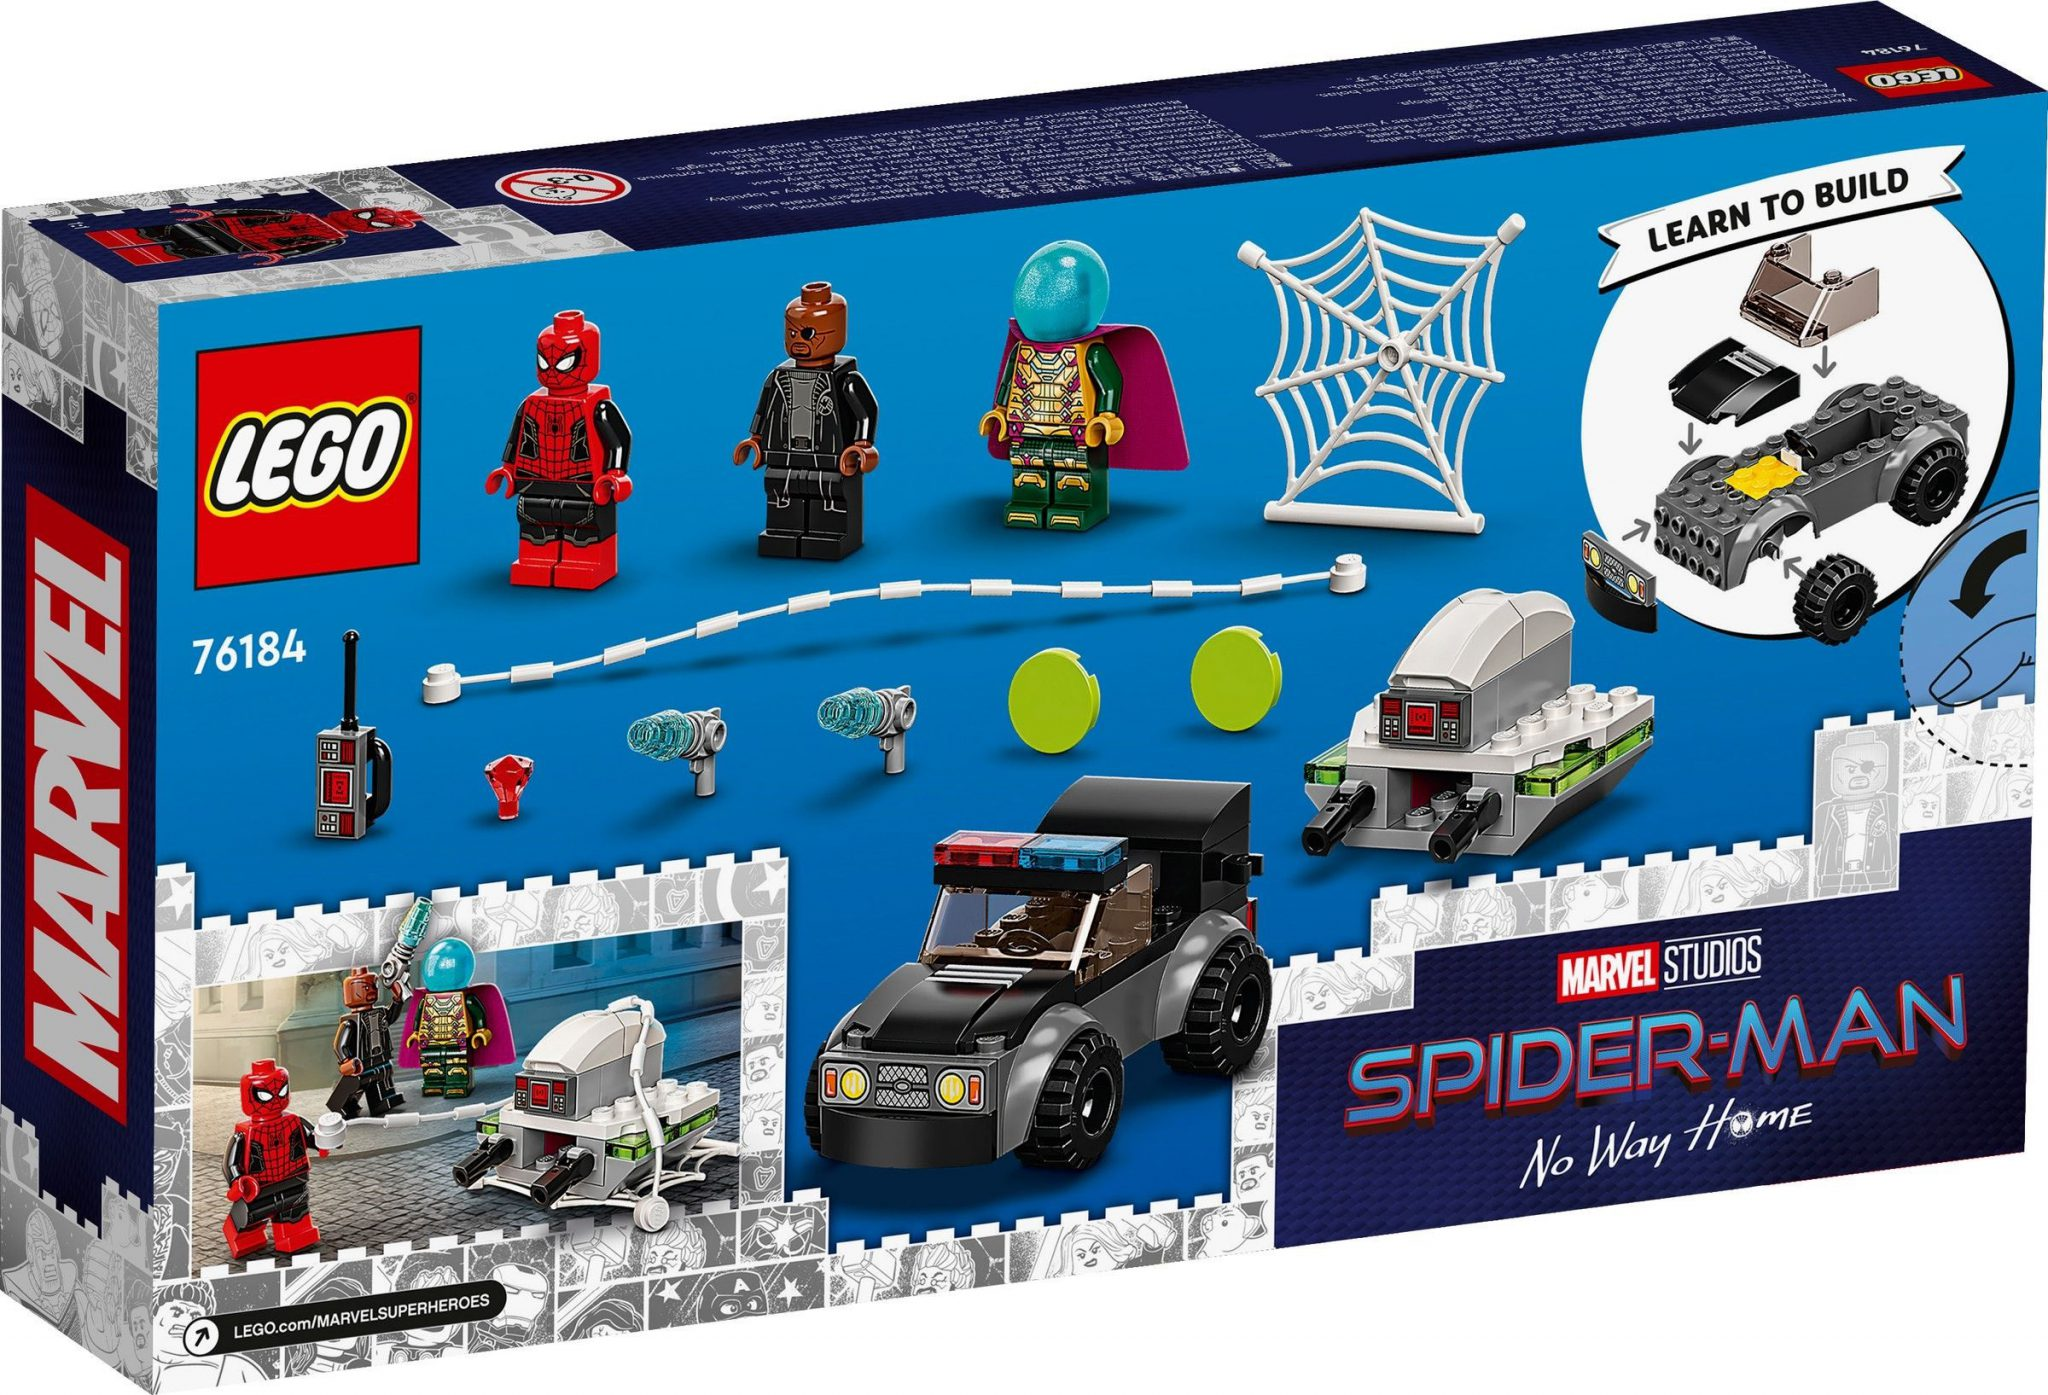 spider_man_no_way_home-lego-4